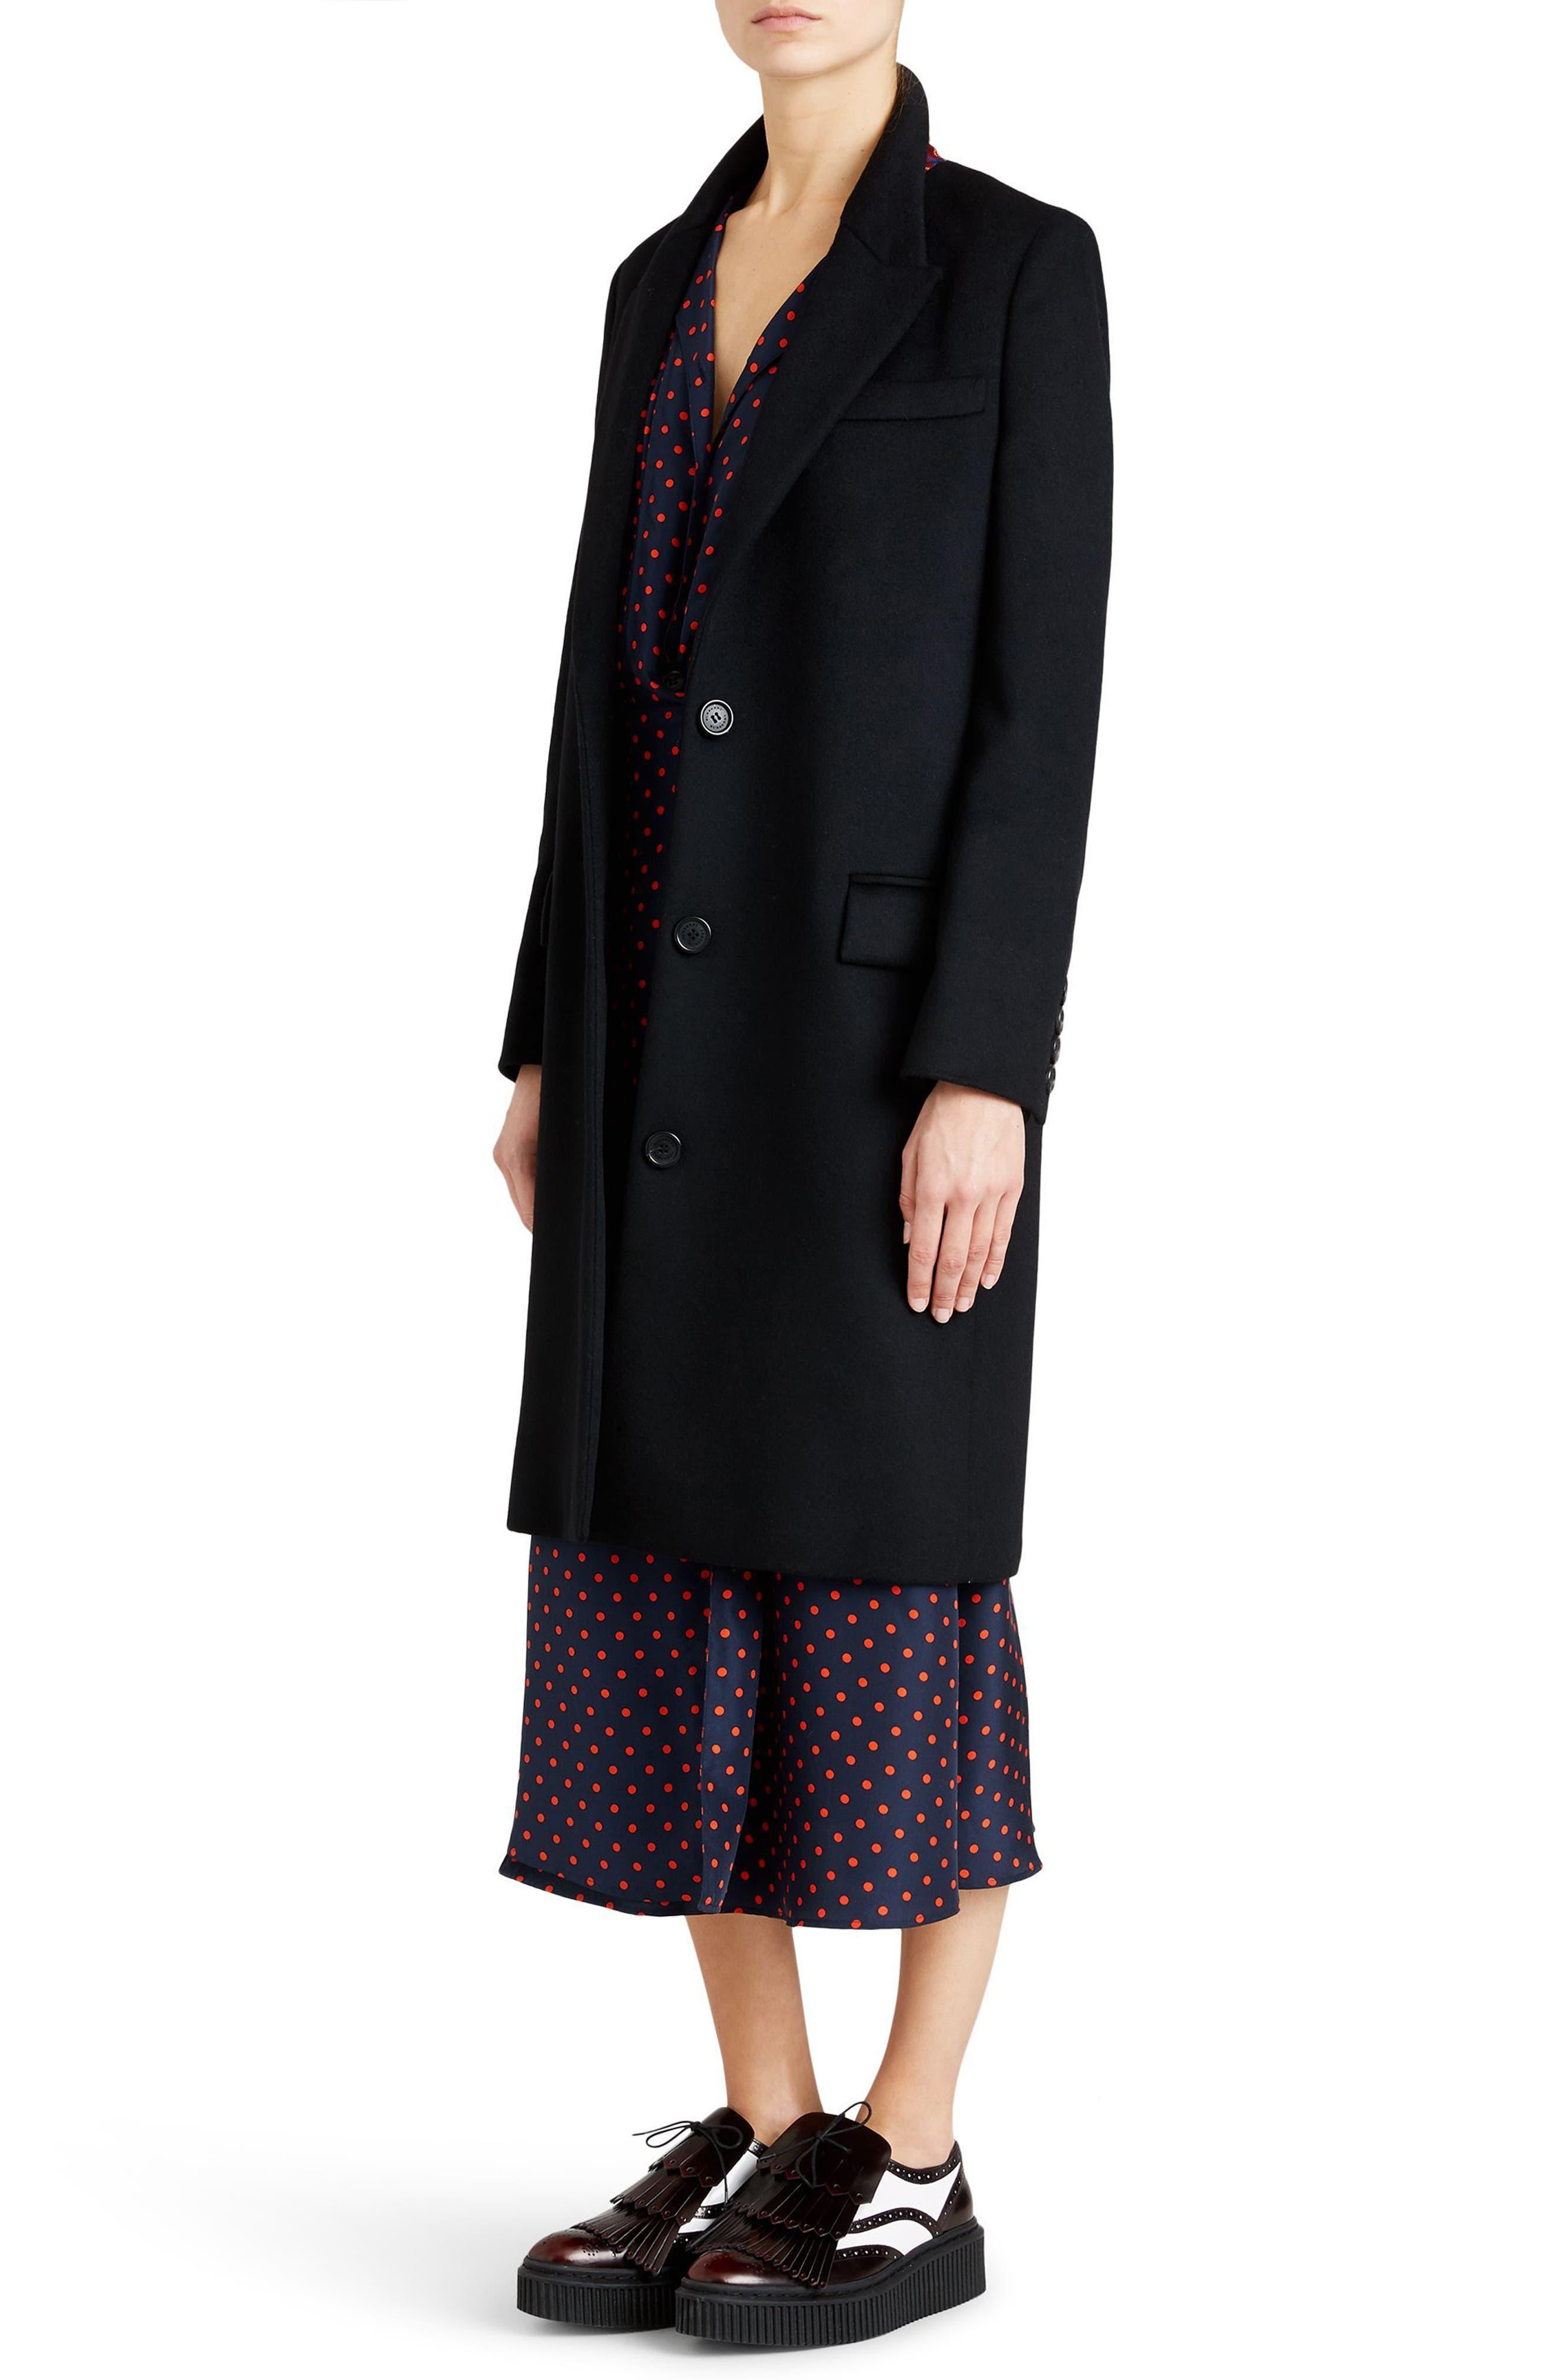 Fellhurst Wool & Cashmere Coat,                             Alternate thumbnail 3, color,                             001